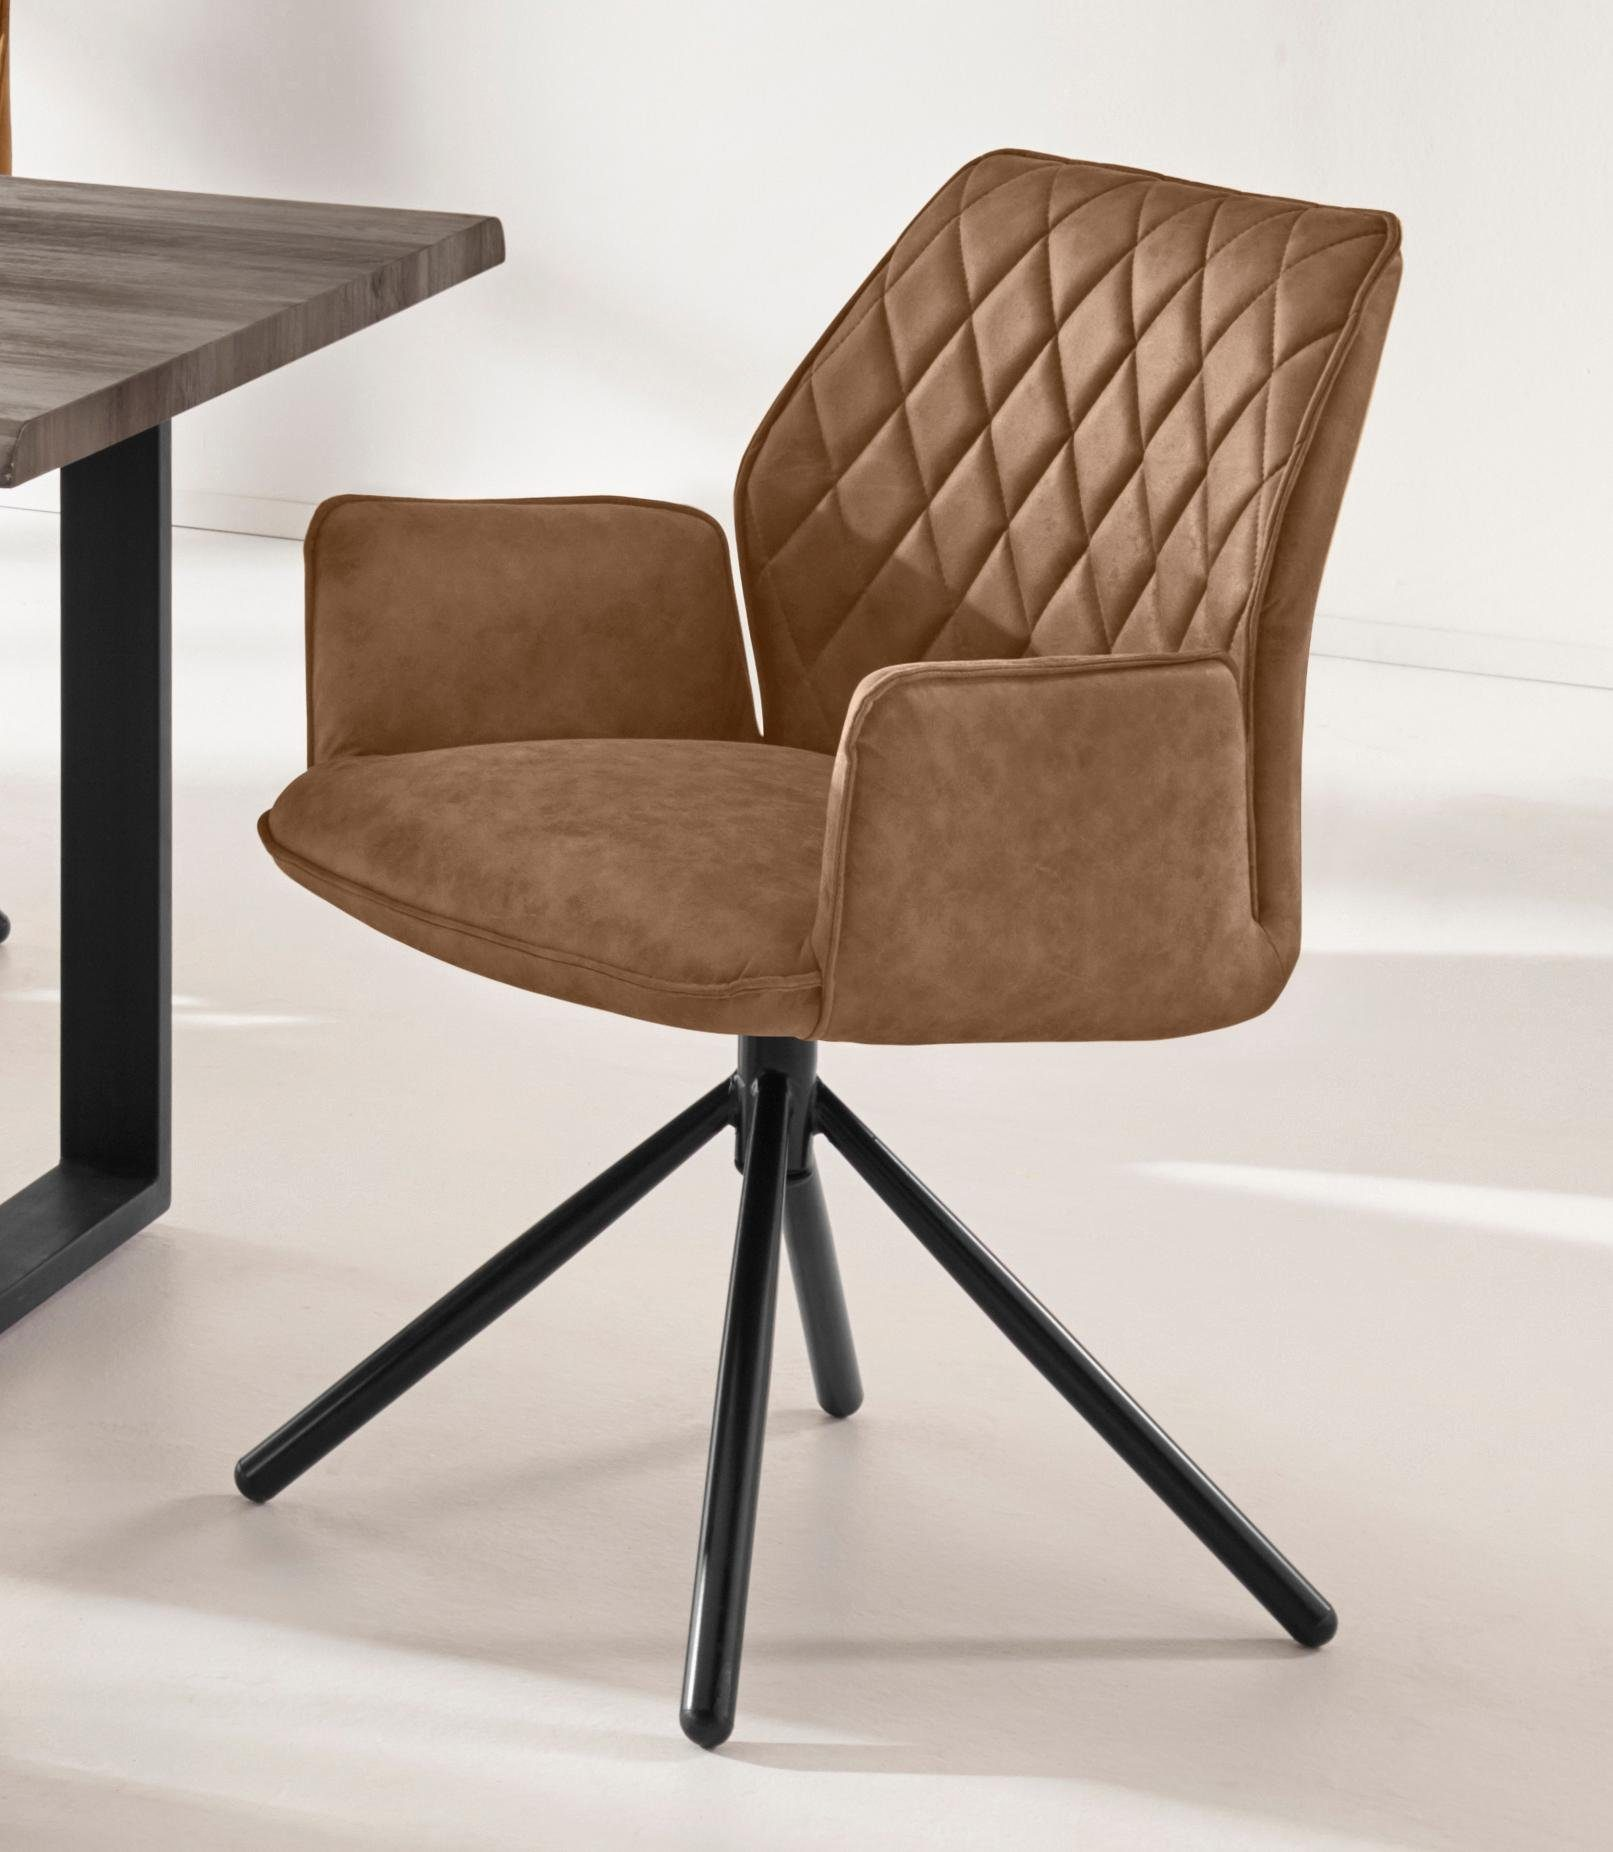 INOSIGN Esszimmerstuhl »Preston« 2er Set, mit weichem Luxus Microfaser Bezug in Lederoptik, mit schwarzen pulverbeschichteten Metallbeinen, Sitzhöhe